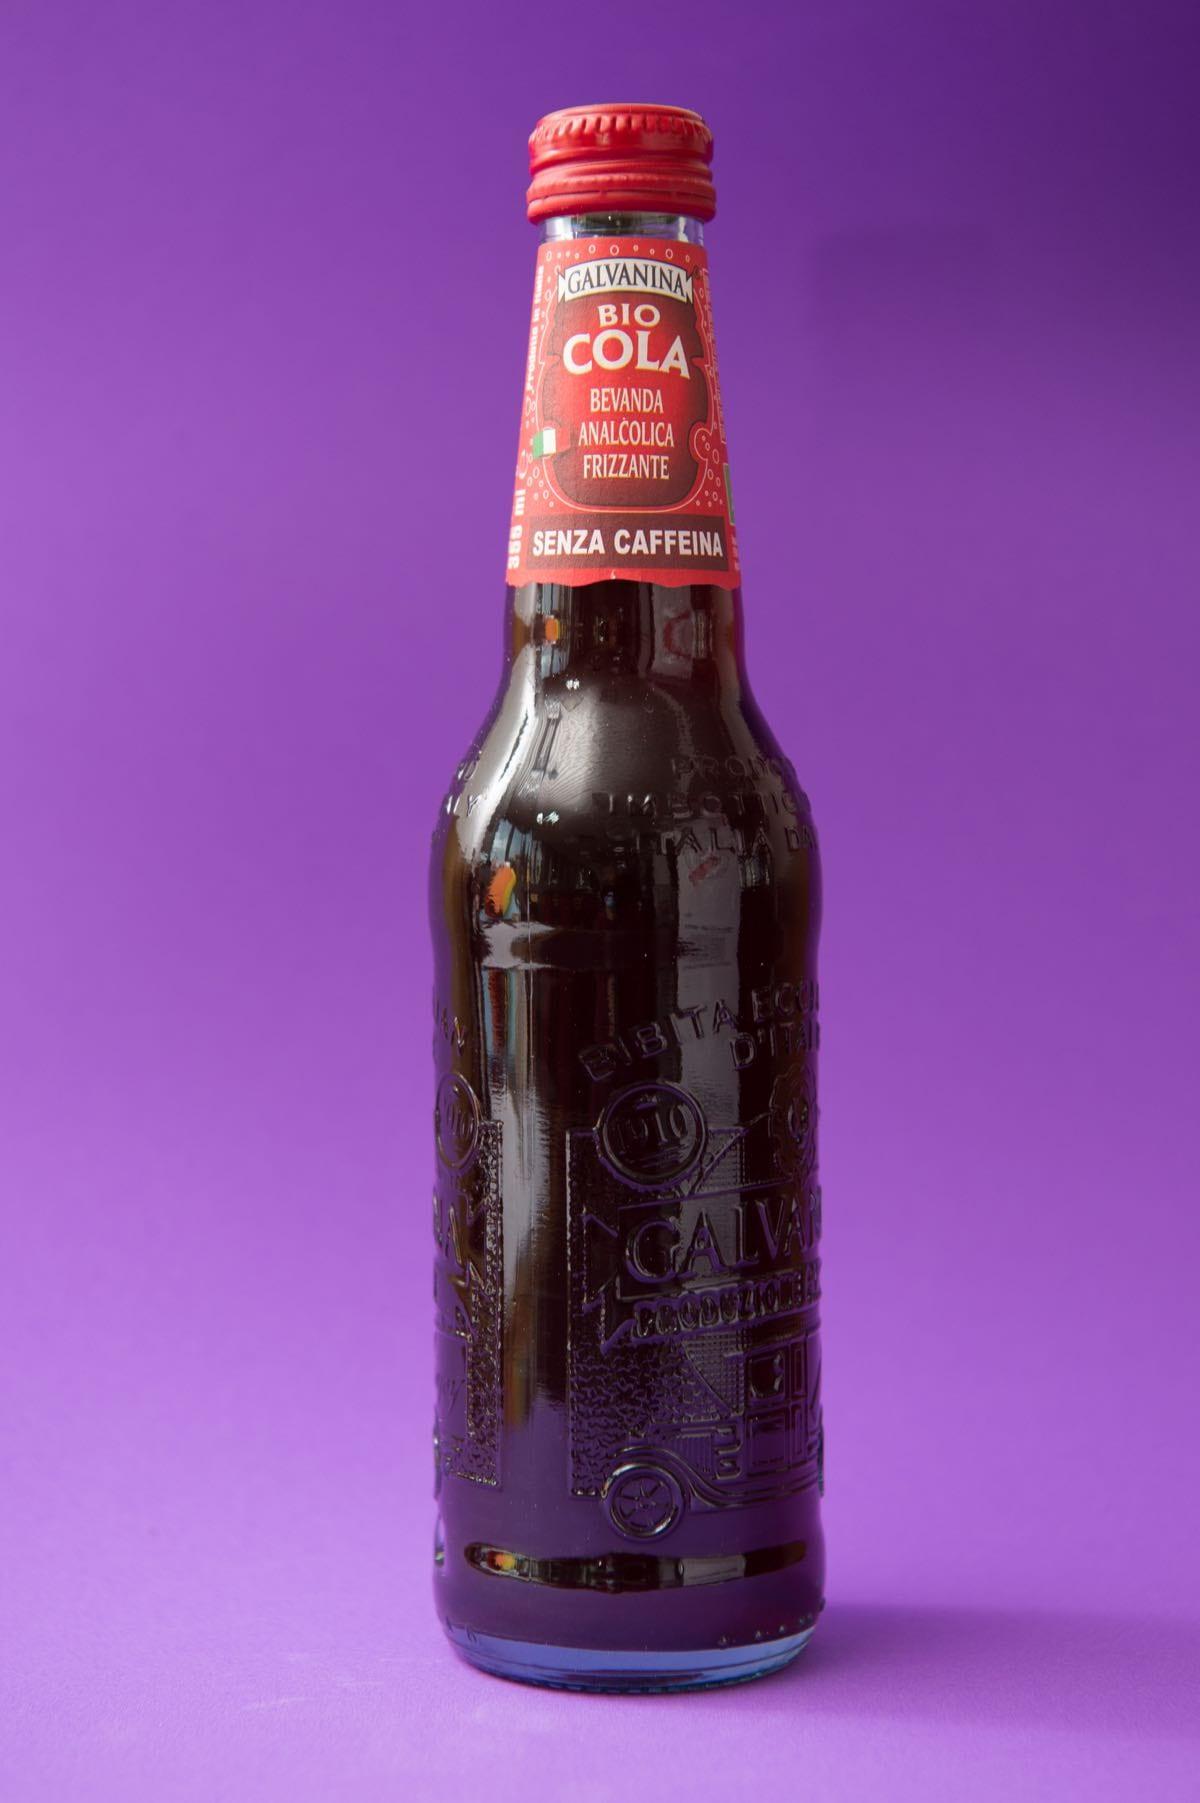 Le bibite alternative a Coca-Cola e Pepsi-Cola: Galvanina Bio Cola